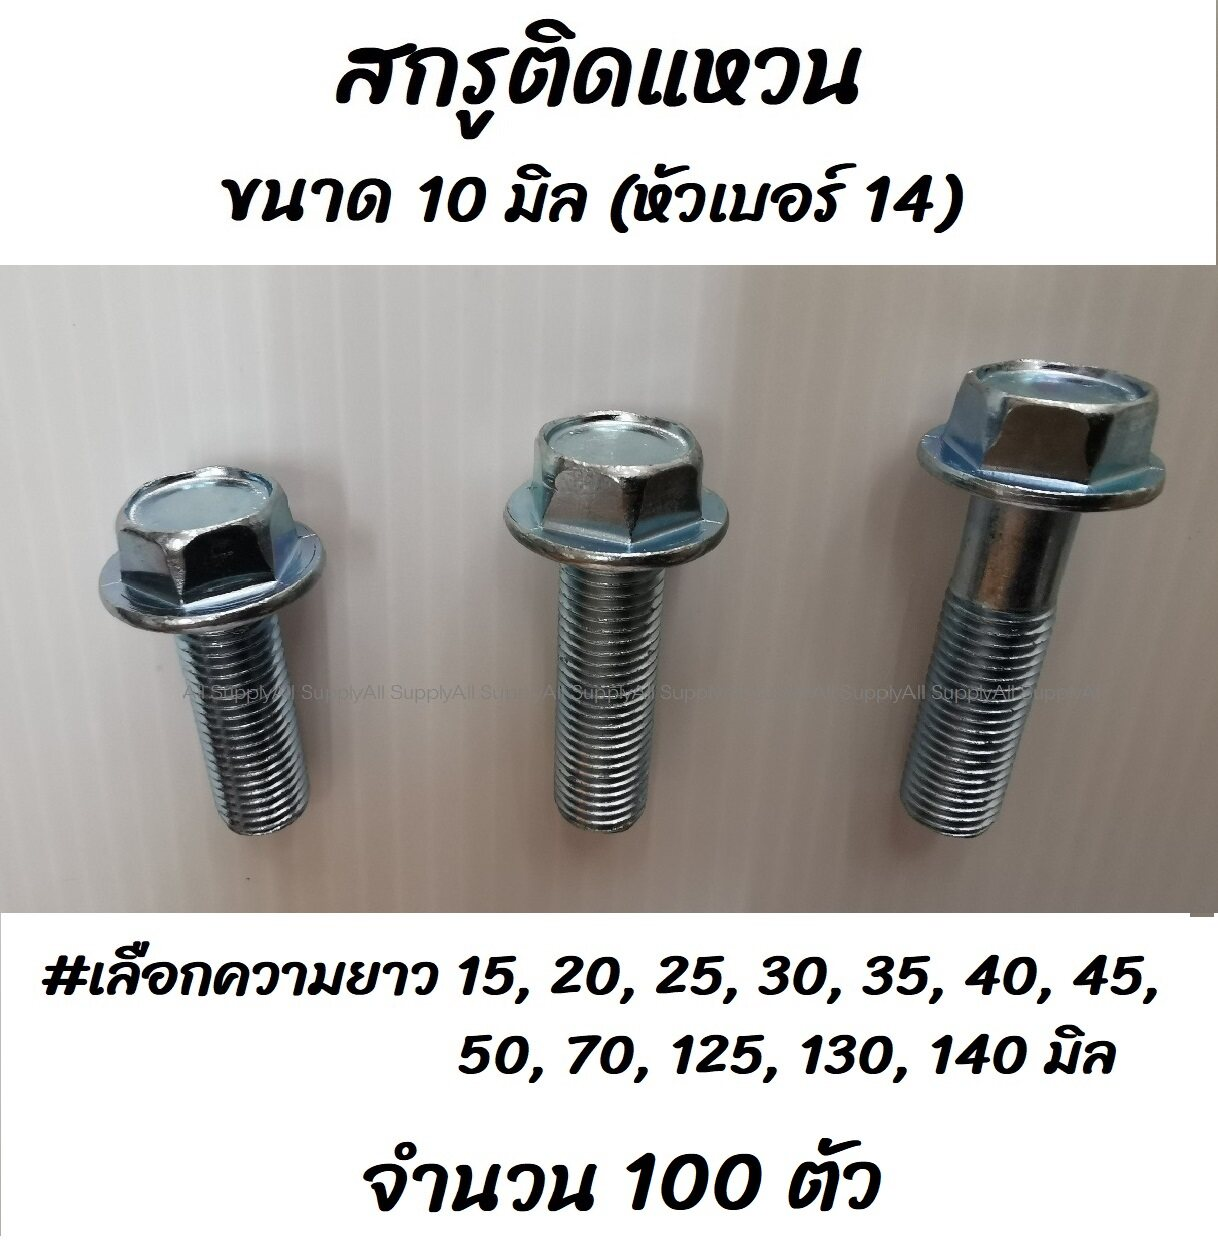 โปรลดพิเศษ (จำนวน100ตัว) หกเหลี่ยมติดแหวน/ น็อตติดแหวน/ สกรูติดแหวน ขนาด10มิล (หัวเบอร์14) #เลือกความยาว x 15, 20, 25, 30, 35, 40, 45, 50, 70, 125, 130, 140 มิล น็อตแคร้ง/ น็อตแคร้งเครื่อง สกรู น็อต